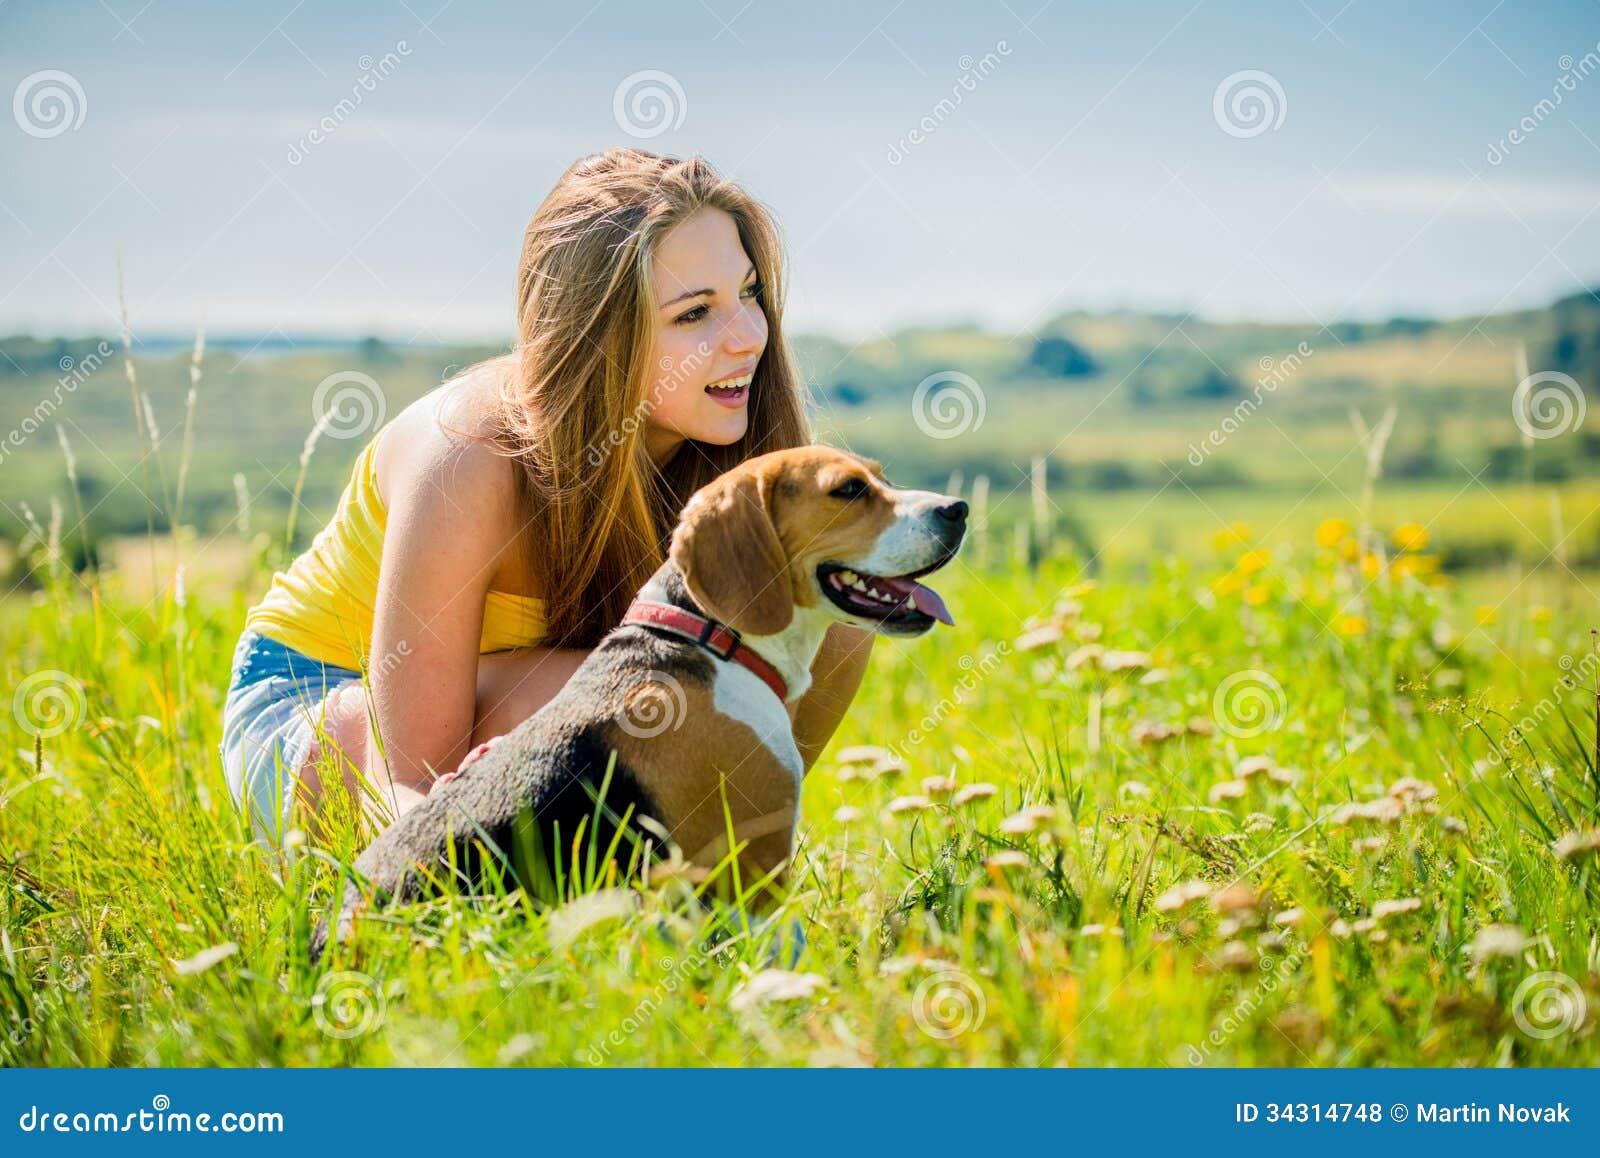 adolescent avec son chien photos libres de droits image 34314748. Black Bedroom Furniture Sets. Home Design Ideas